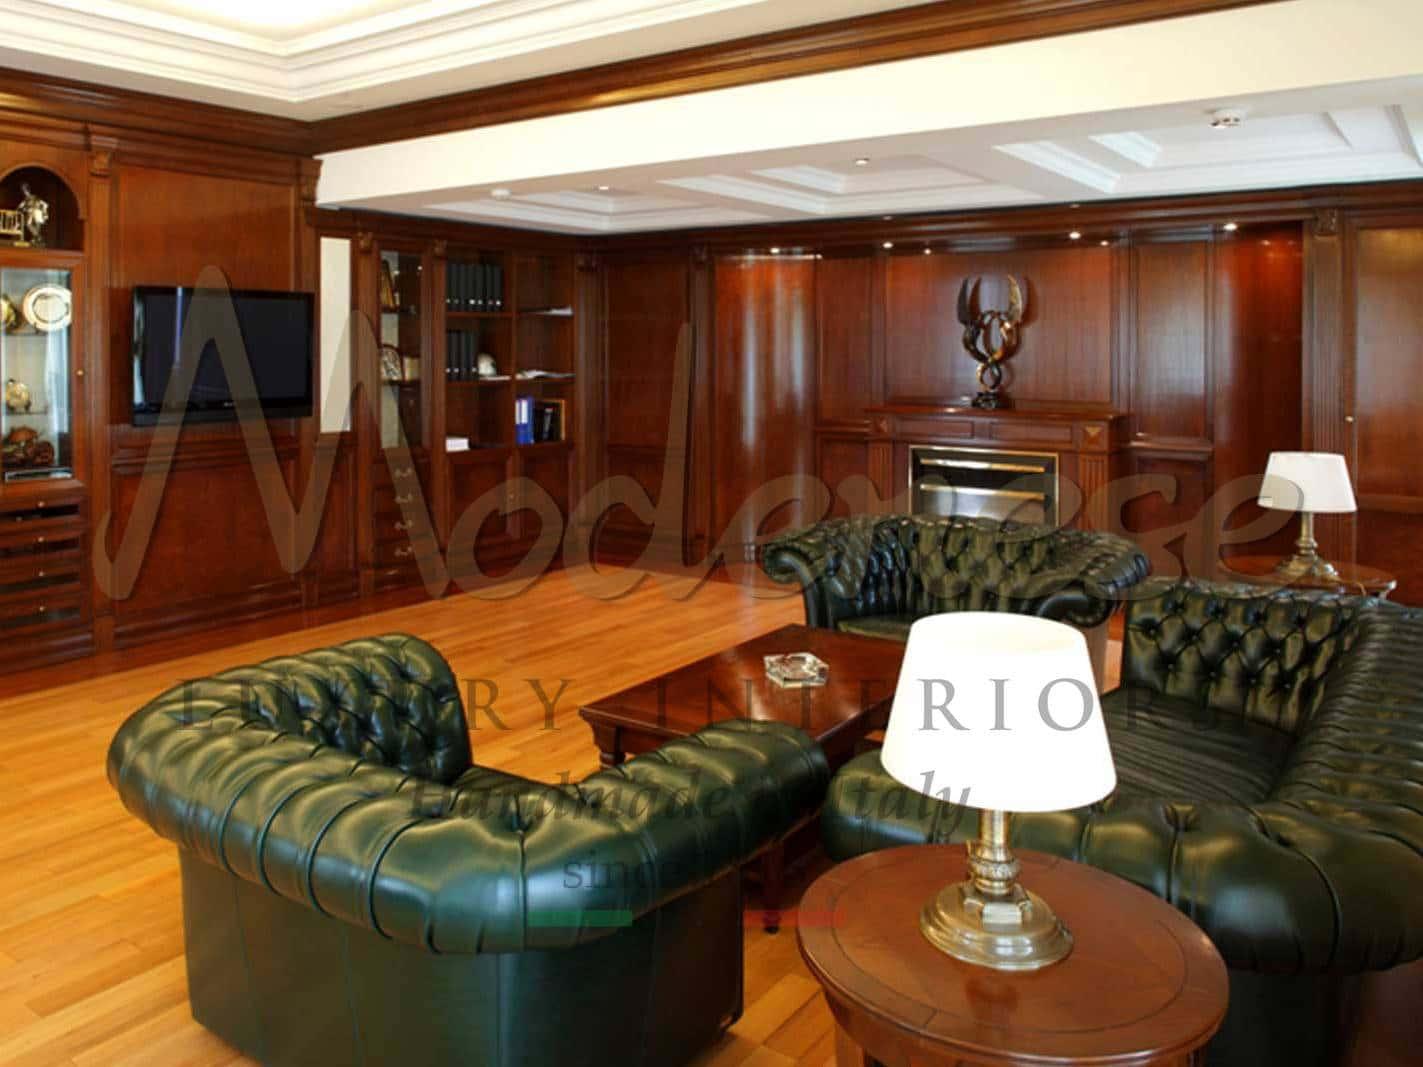 президентская дизайнерская мебель дизайн интерьера мебели посольства госдумы консульства классический итальянски стиль мебель парламентская итальянская мебель на заказ для посольства итальянская мебель для президентского офиса мебель президента дизайн проект президента роскошная мебель президента